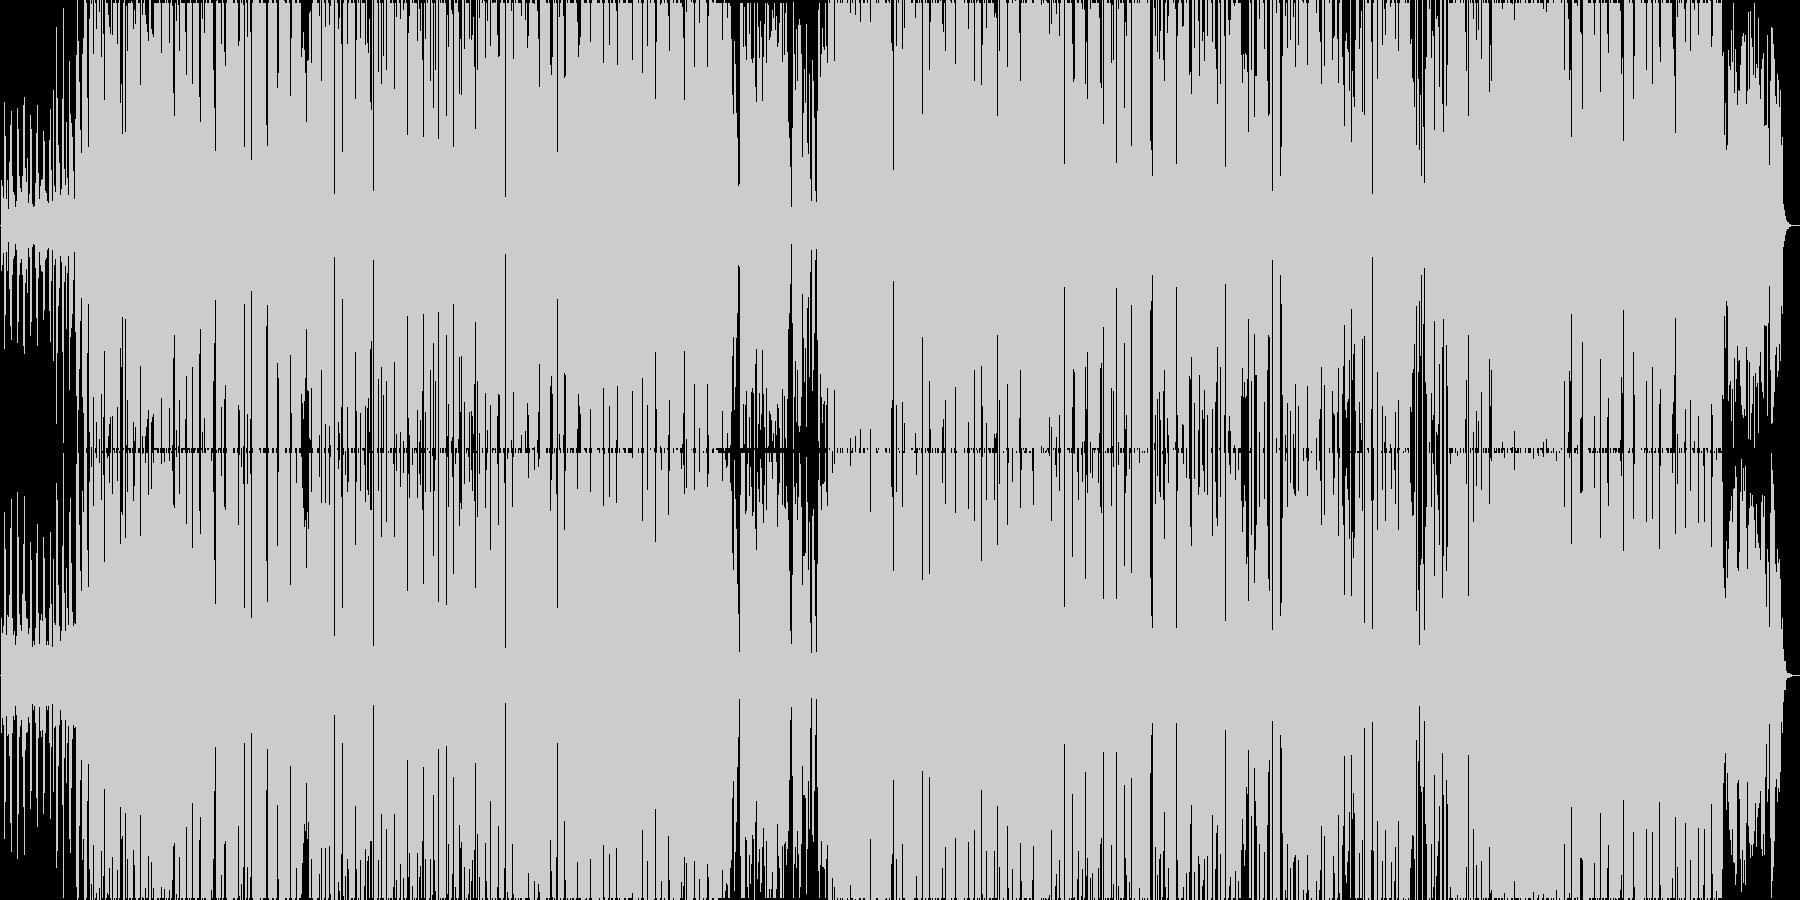 ポジティブで陽気なレゲエポップの未再生の波形